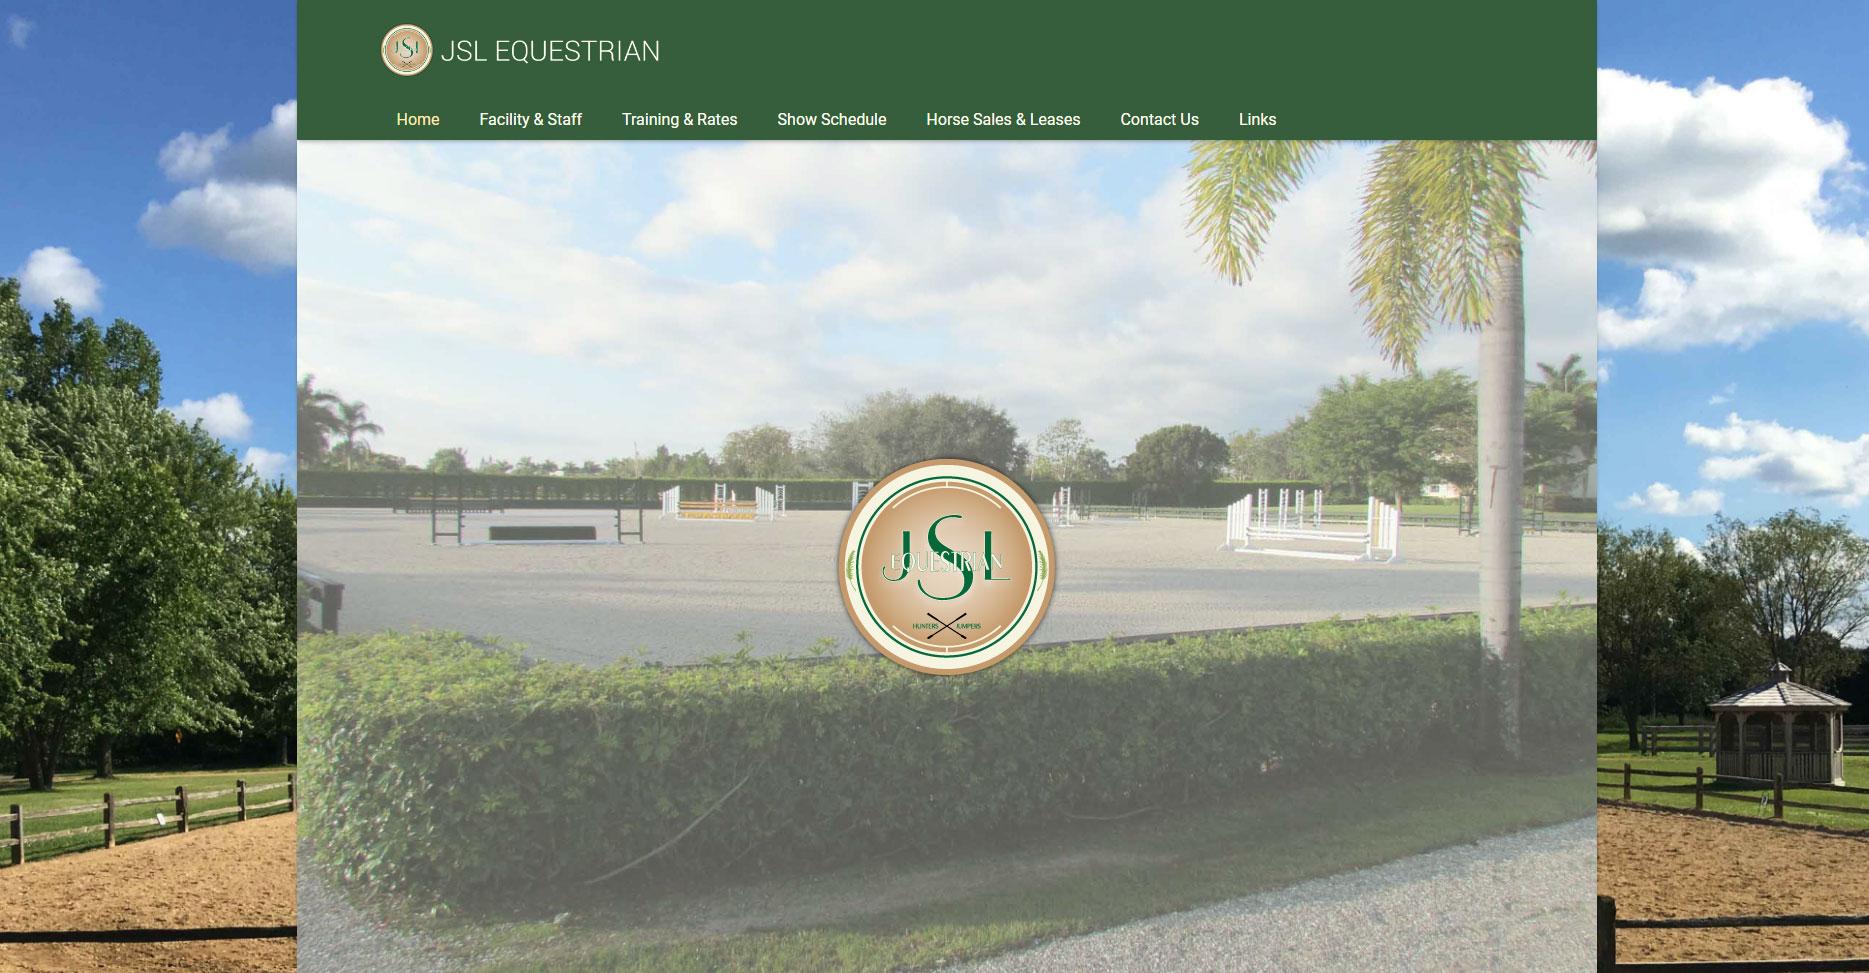 JSL Equestrian